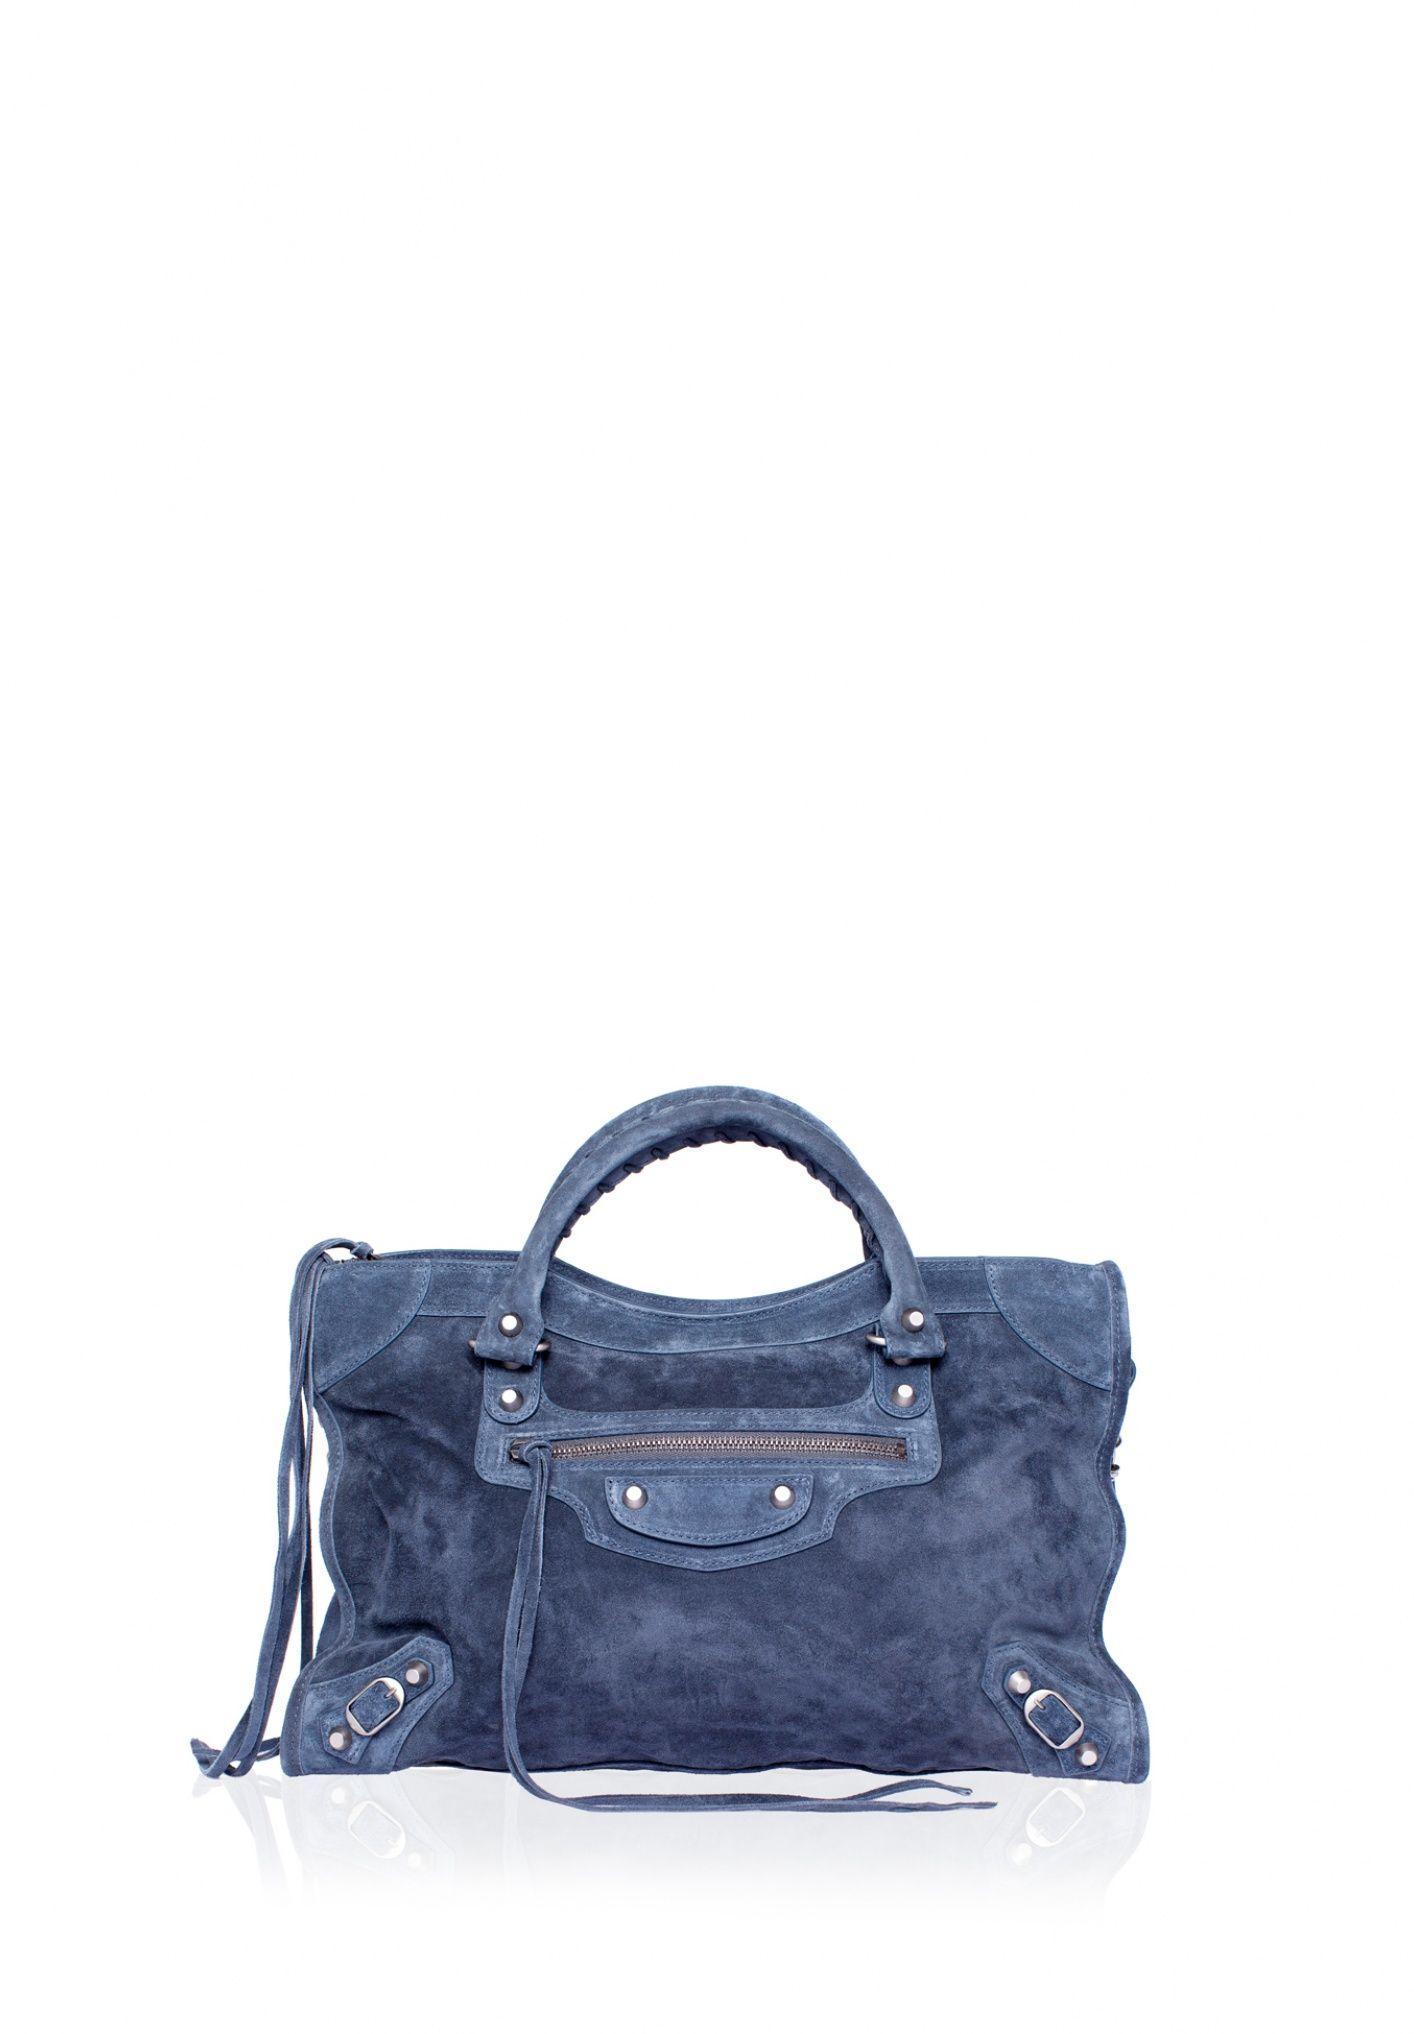 Balenciaga Classic City mocka bag | Väskor